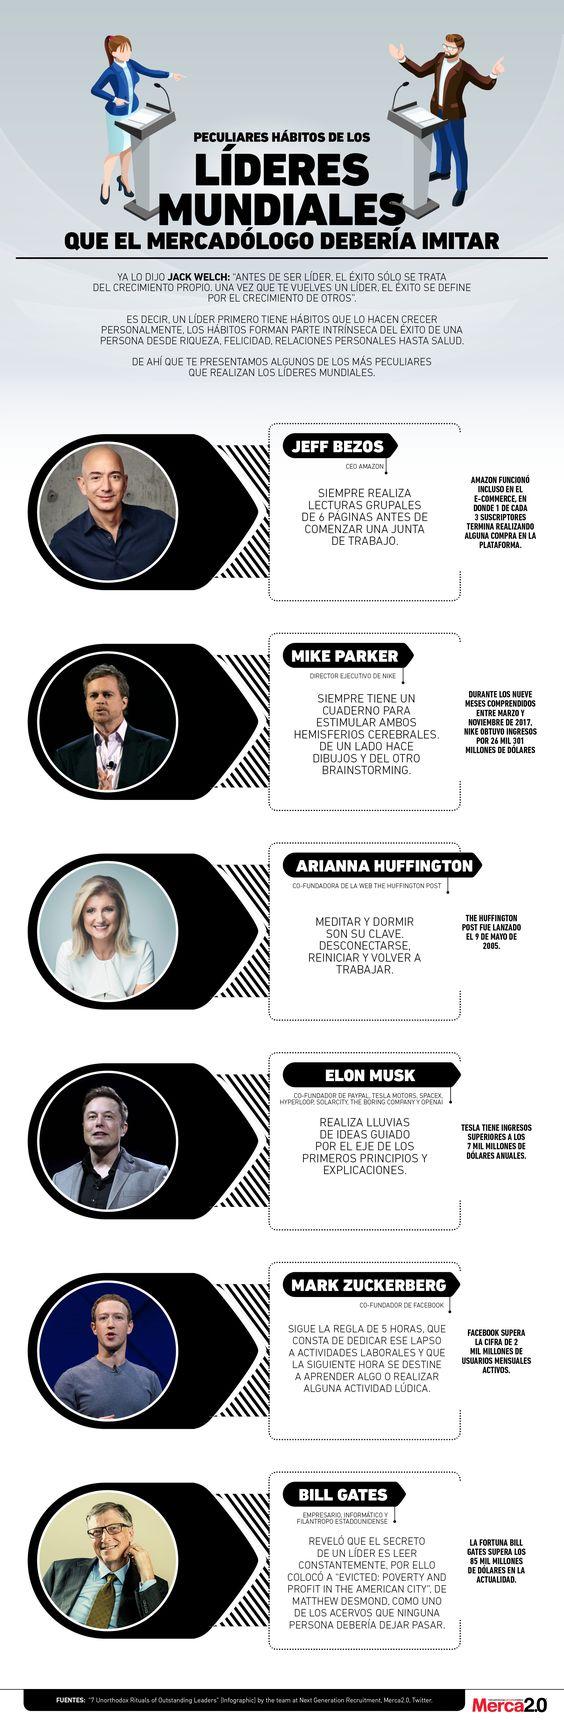 Hábitos de líderes mundiales de los que un marketiniano podría aprender